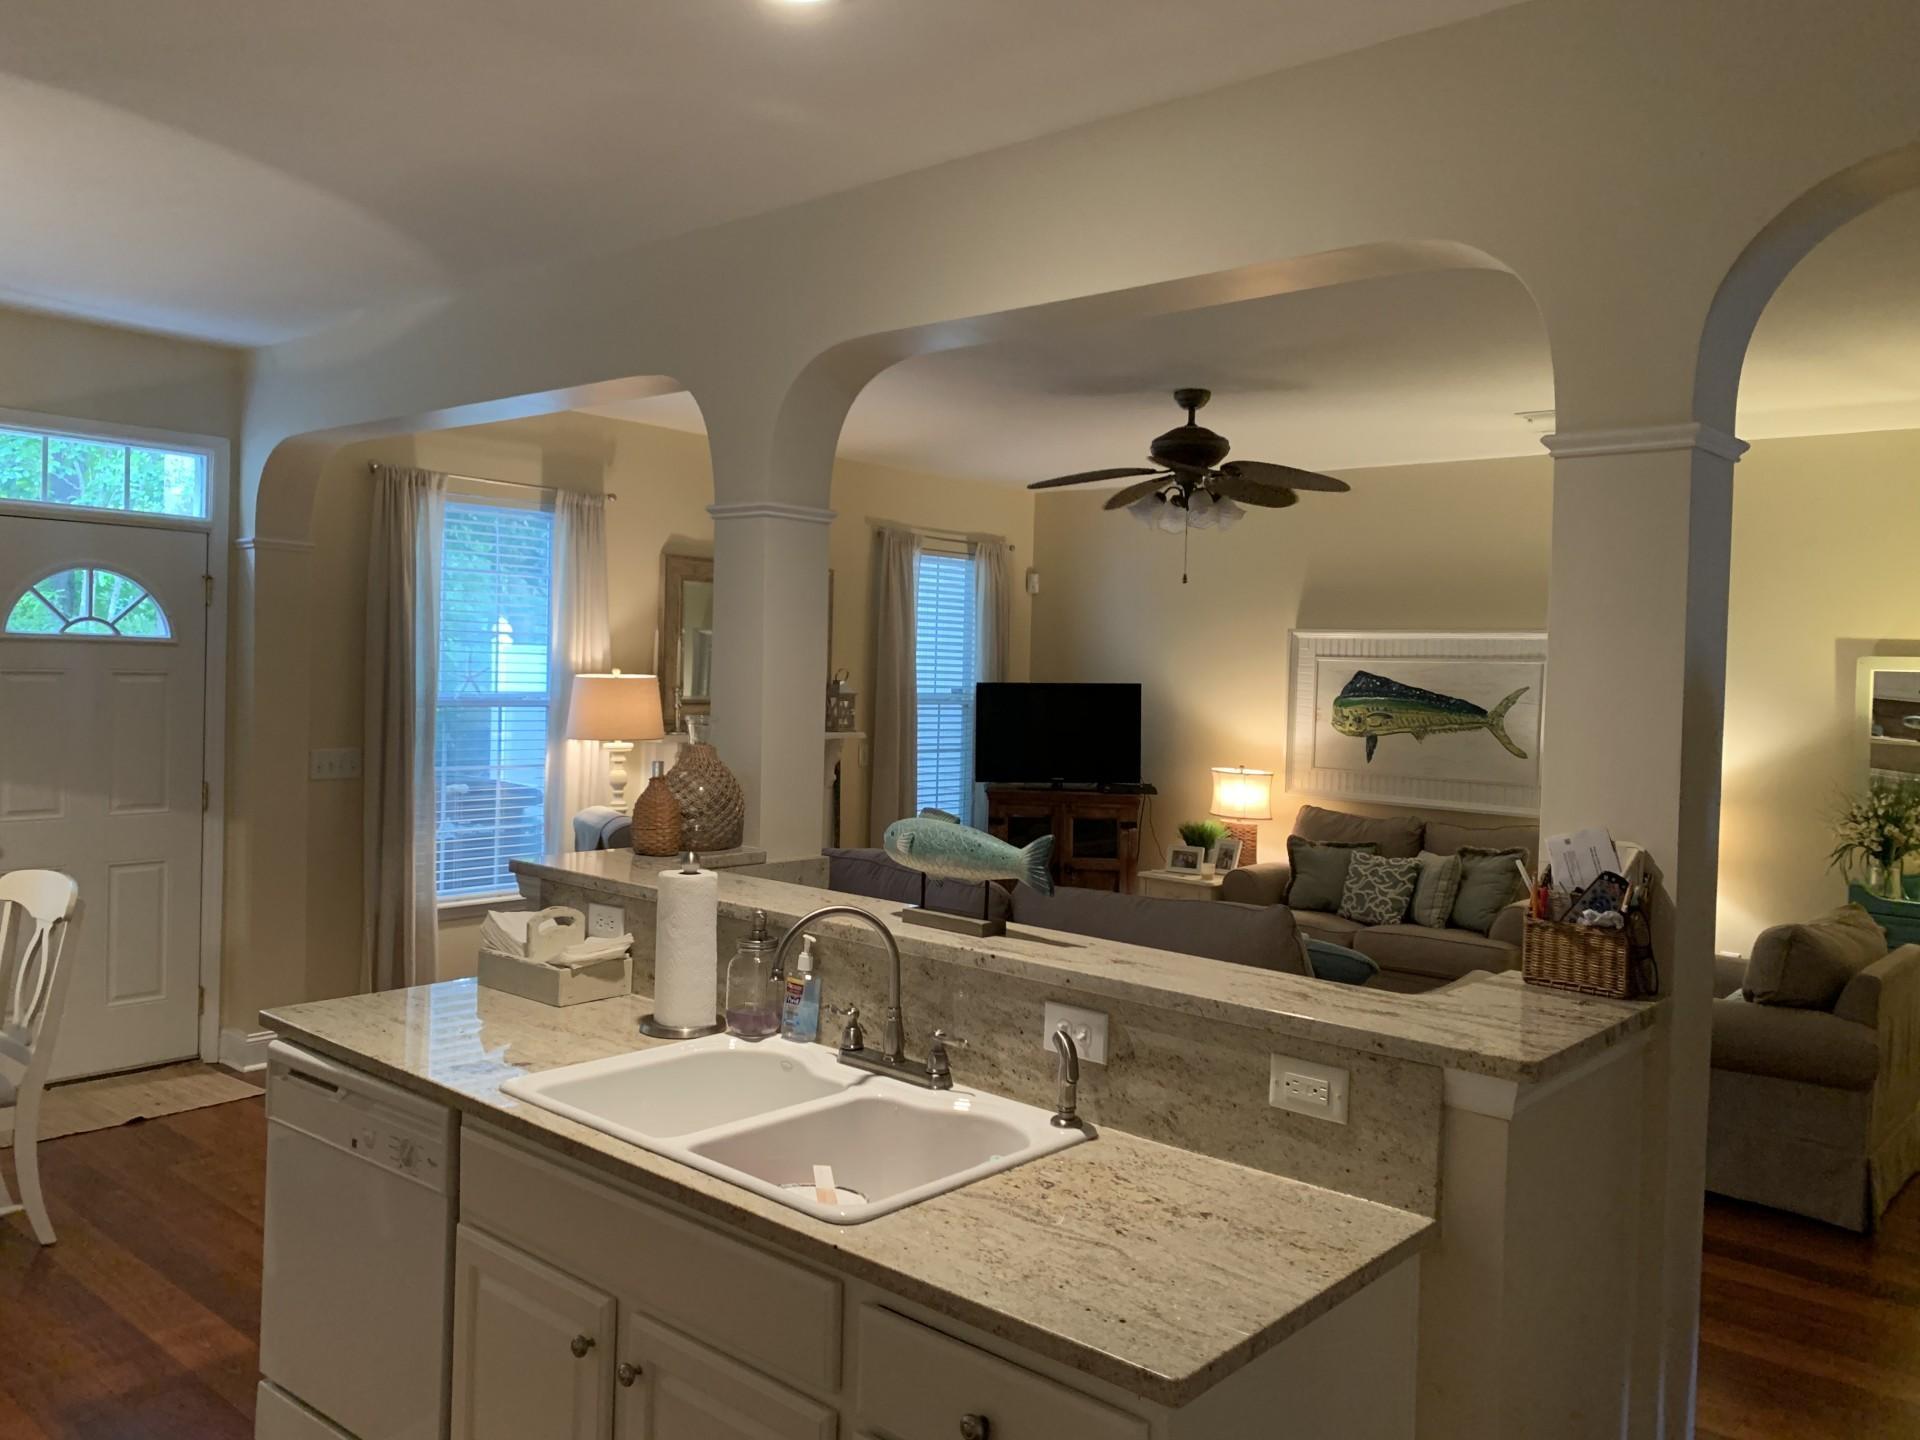 Park West Homes For Sale - 2455 Draymohr, Mount Pleasant, SC - 12